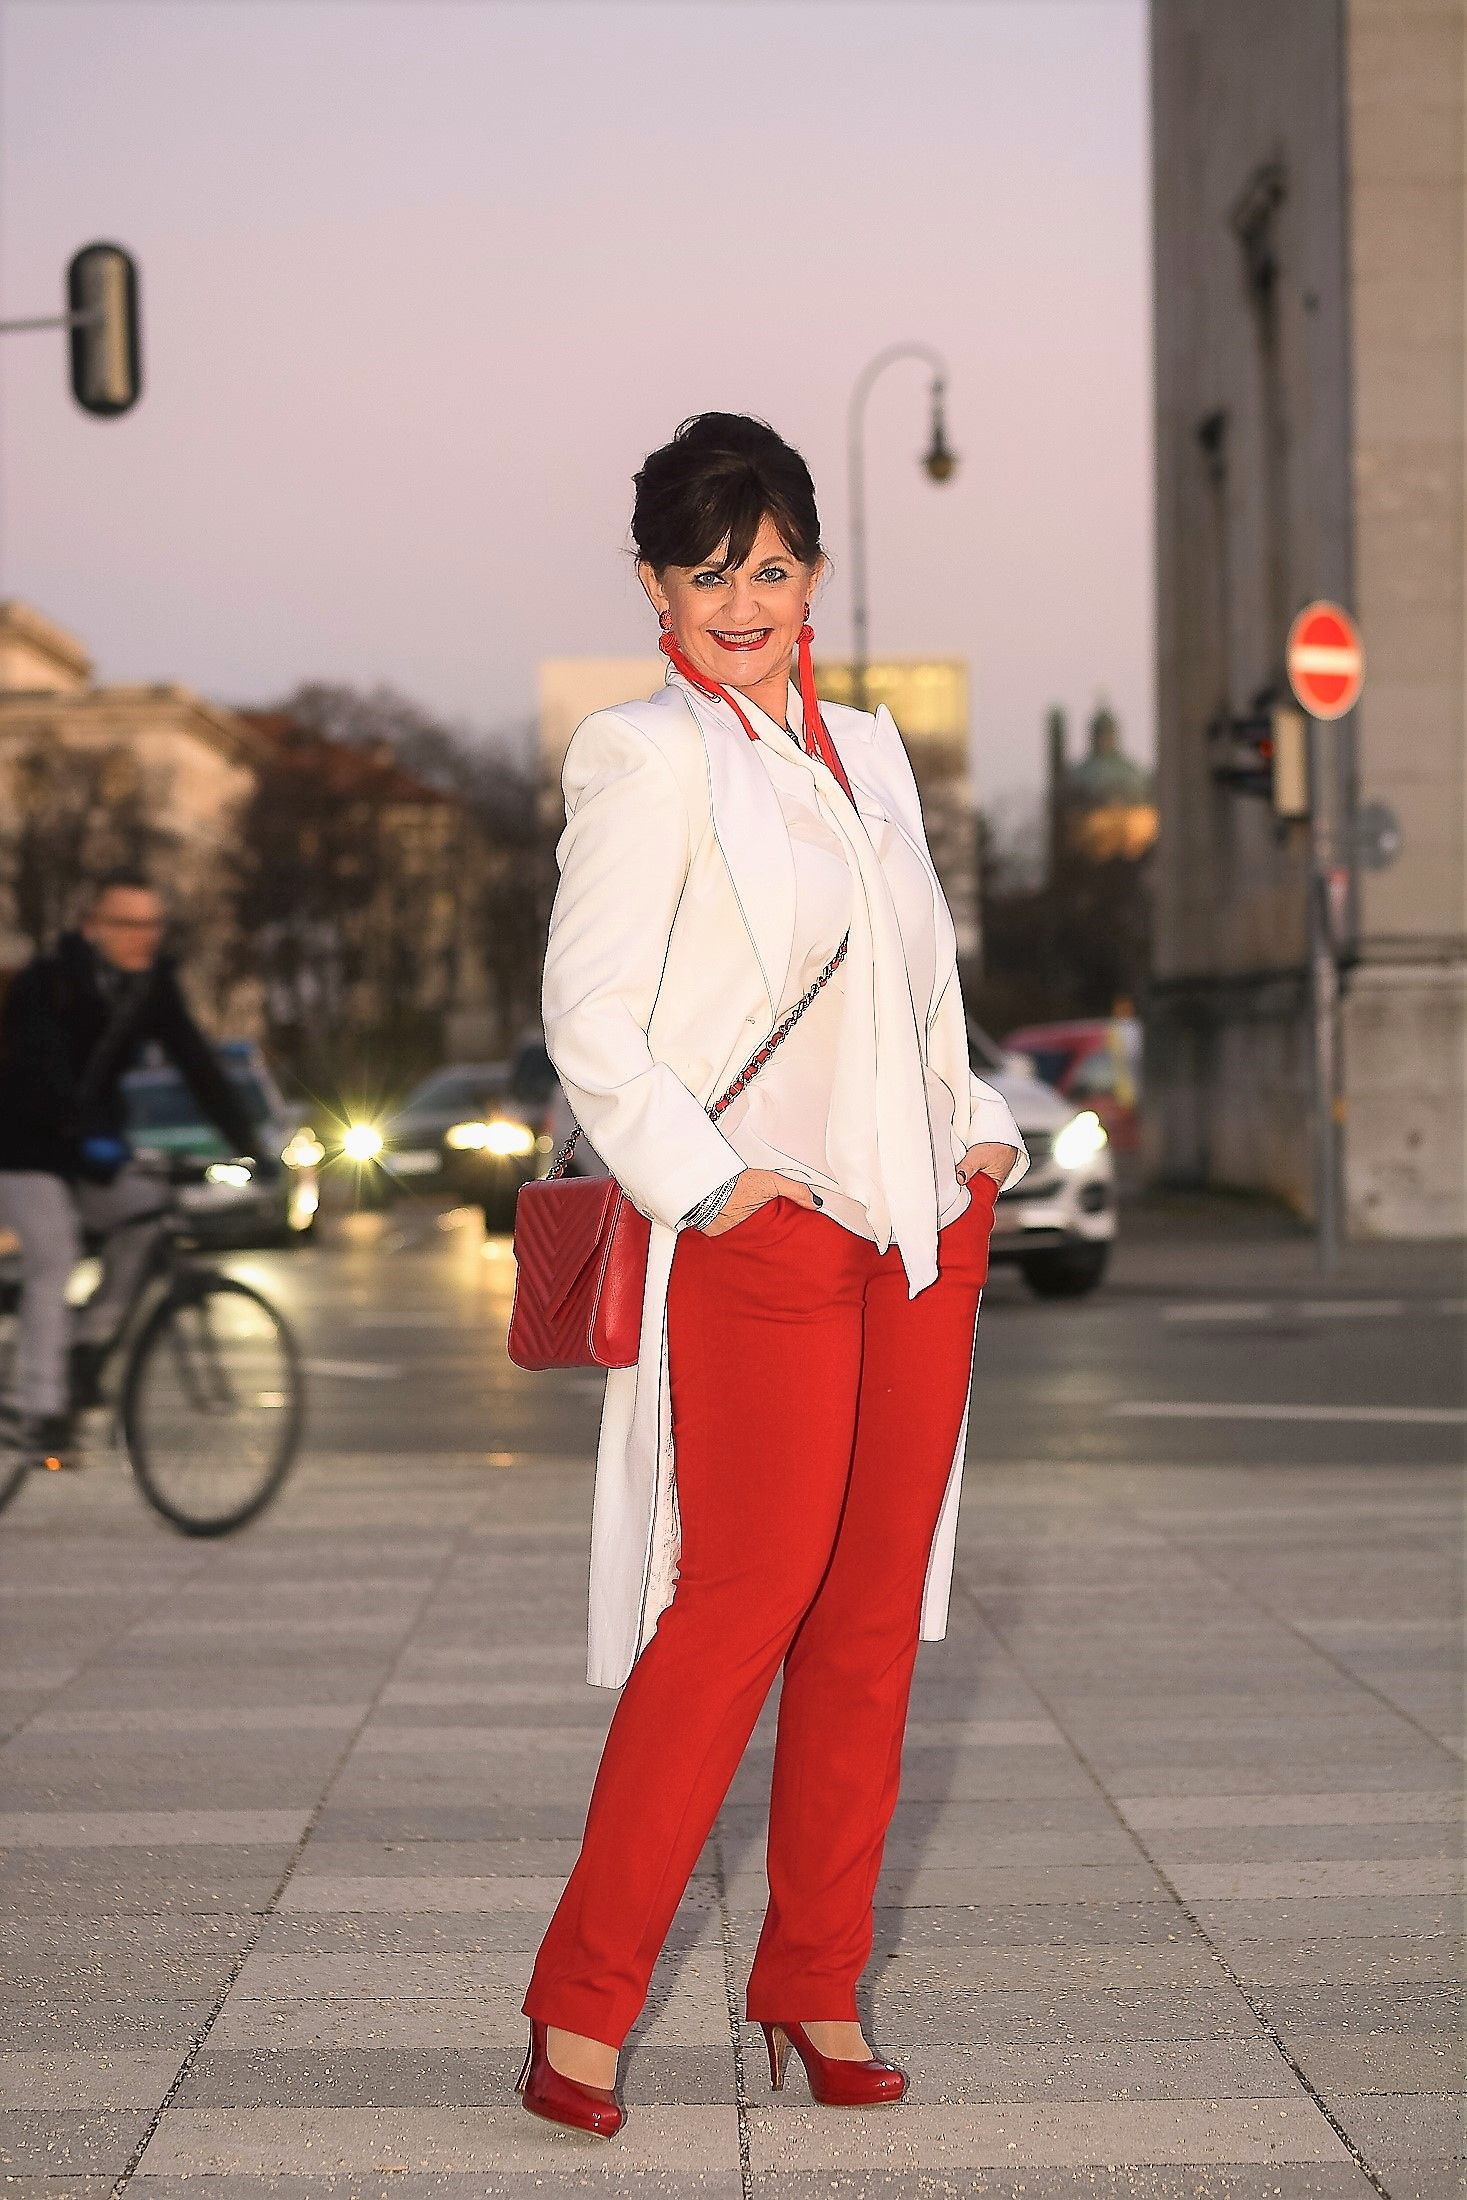 weißer gehrock mit roter hose - ausgeh look | modestil